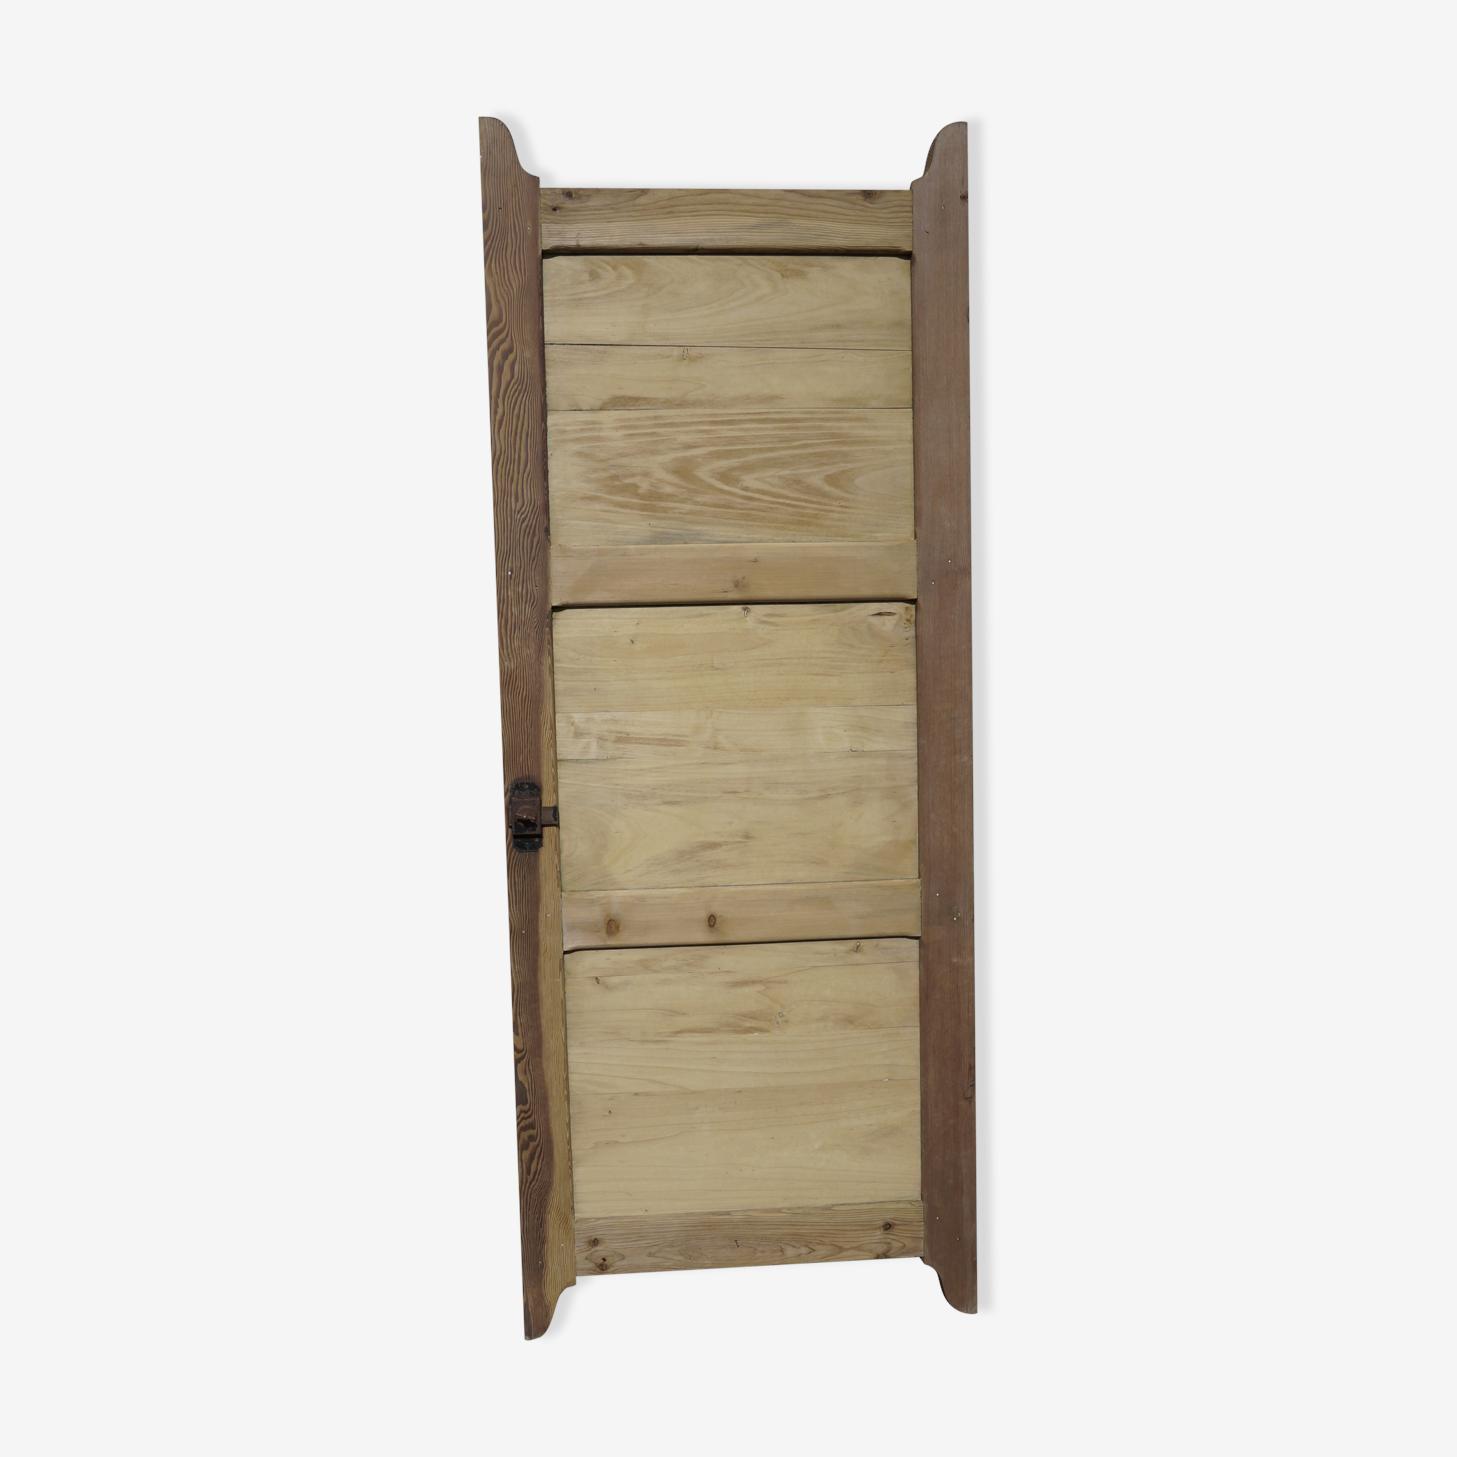 Ancienne porte en bois